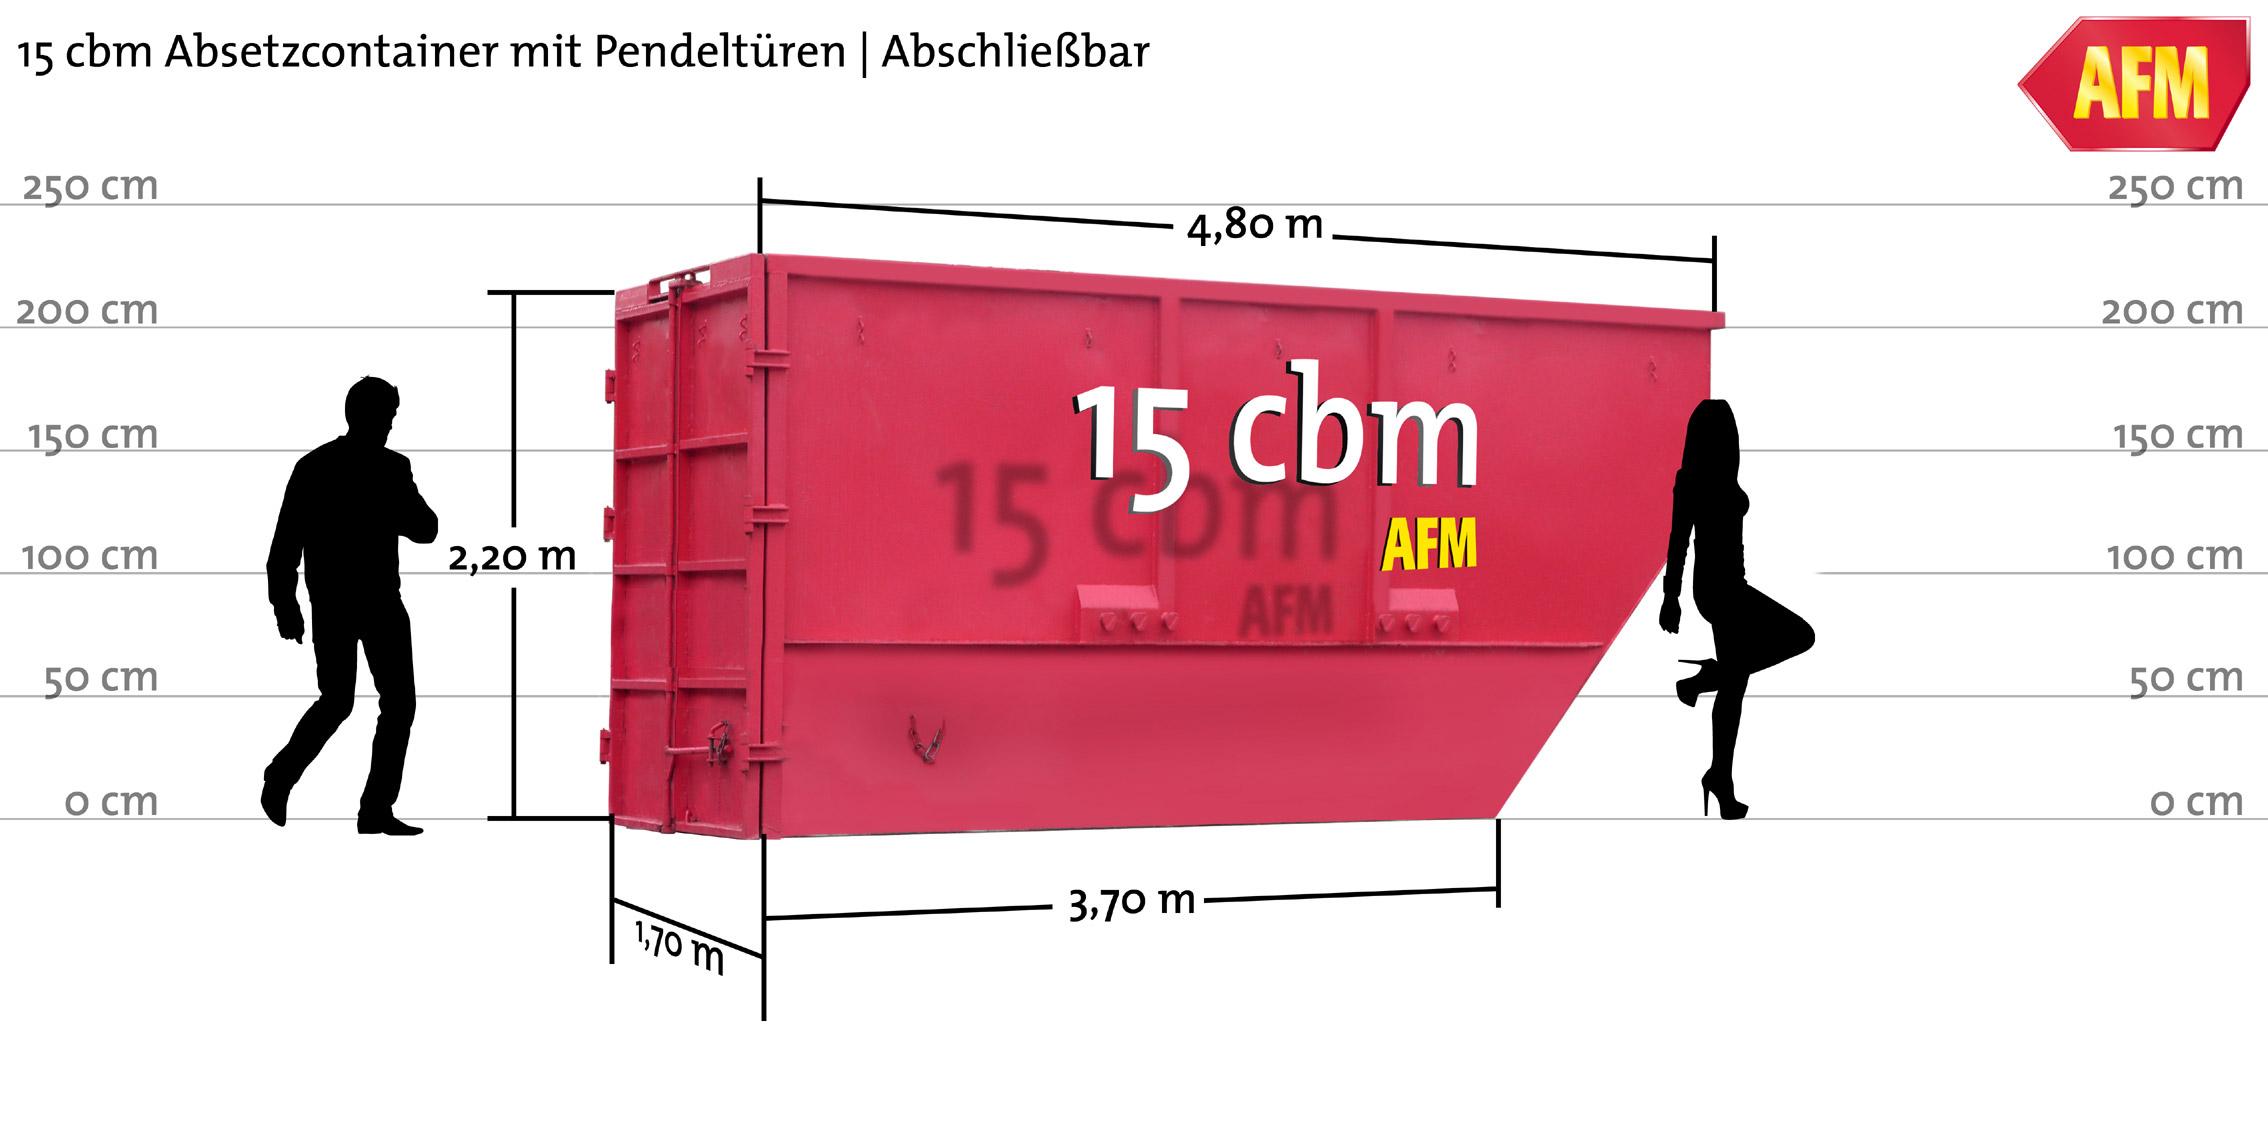 Absetz-Container mit Pendeltüren 15cbm